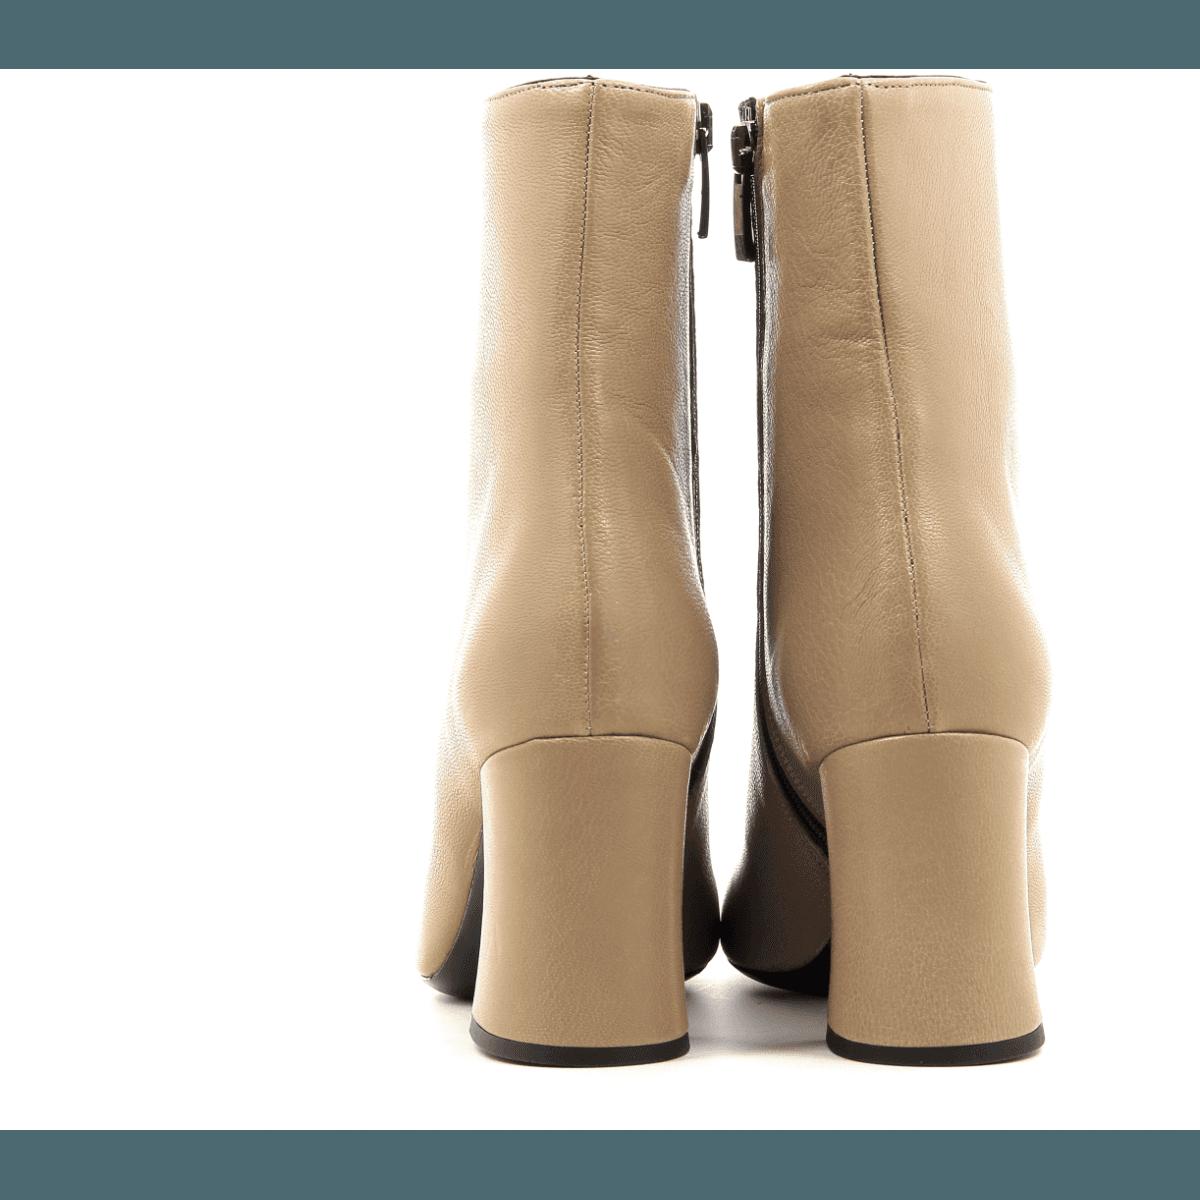 Bottines à talon moyen en cuir beige Garrice Sélection - 6149B